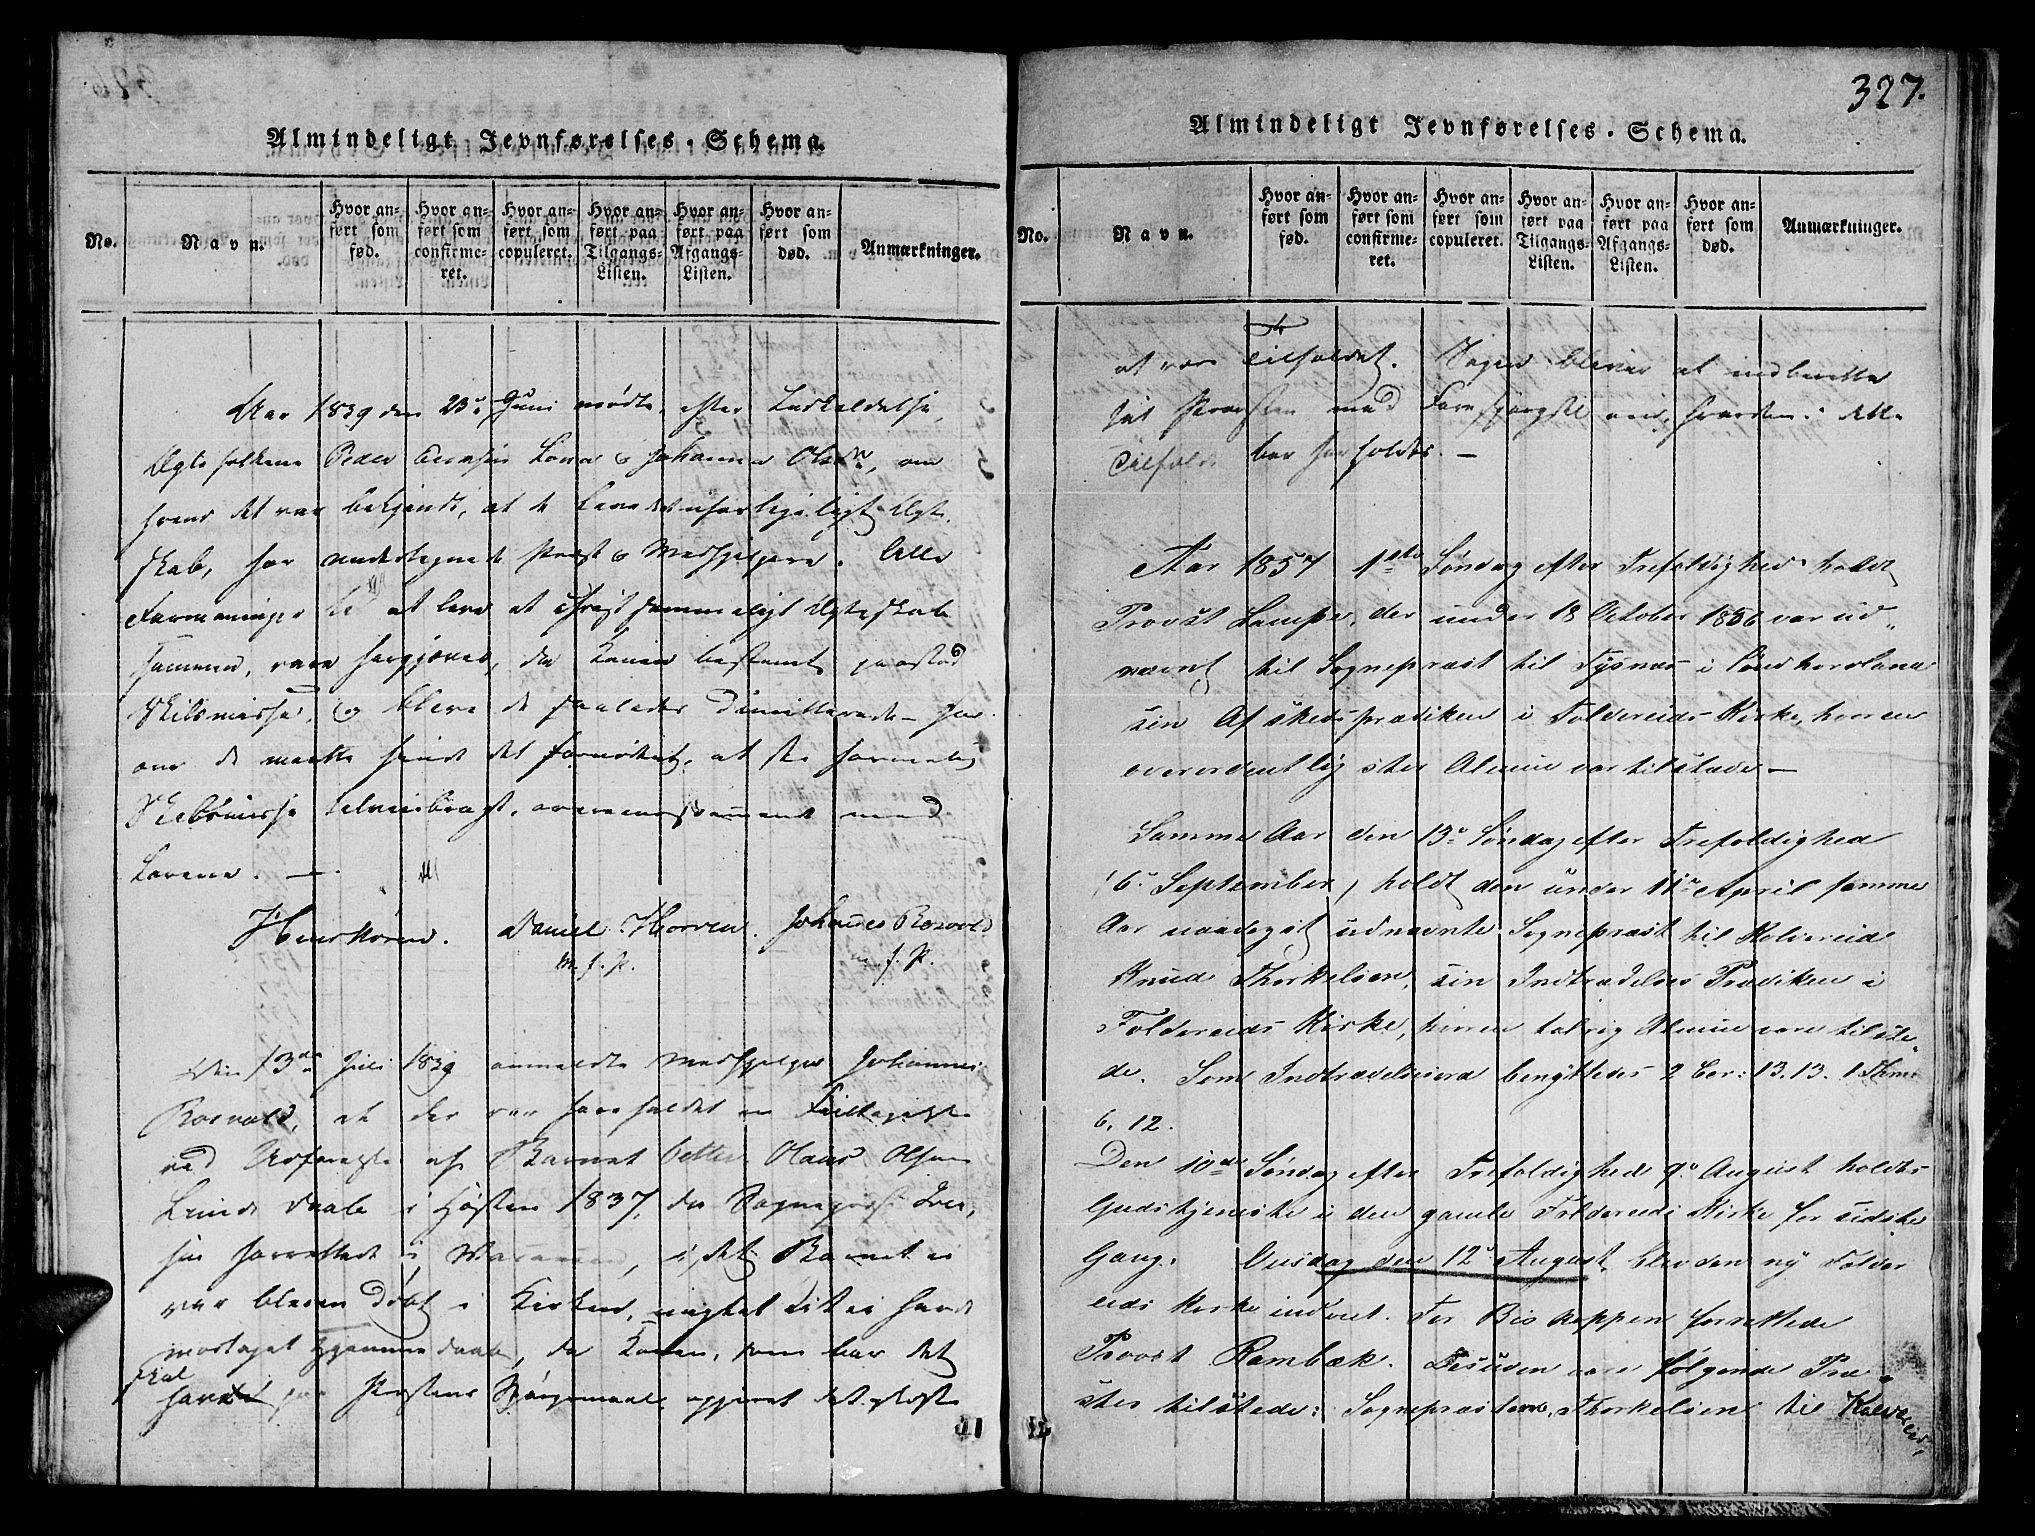 SAT, Ministerialprotokoller, klokkerbøker og fødselsregistre - Nord-Trøndelag, 780/L0648: Klokkerbok nr. 780C01 /1, 1815-1870, s. 327